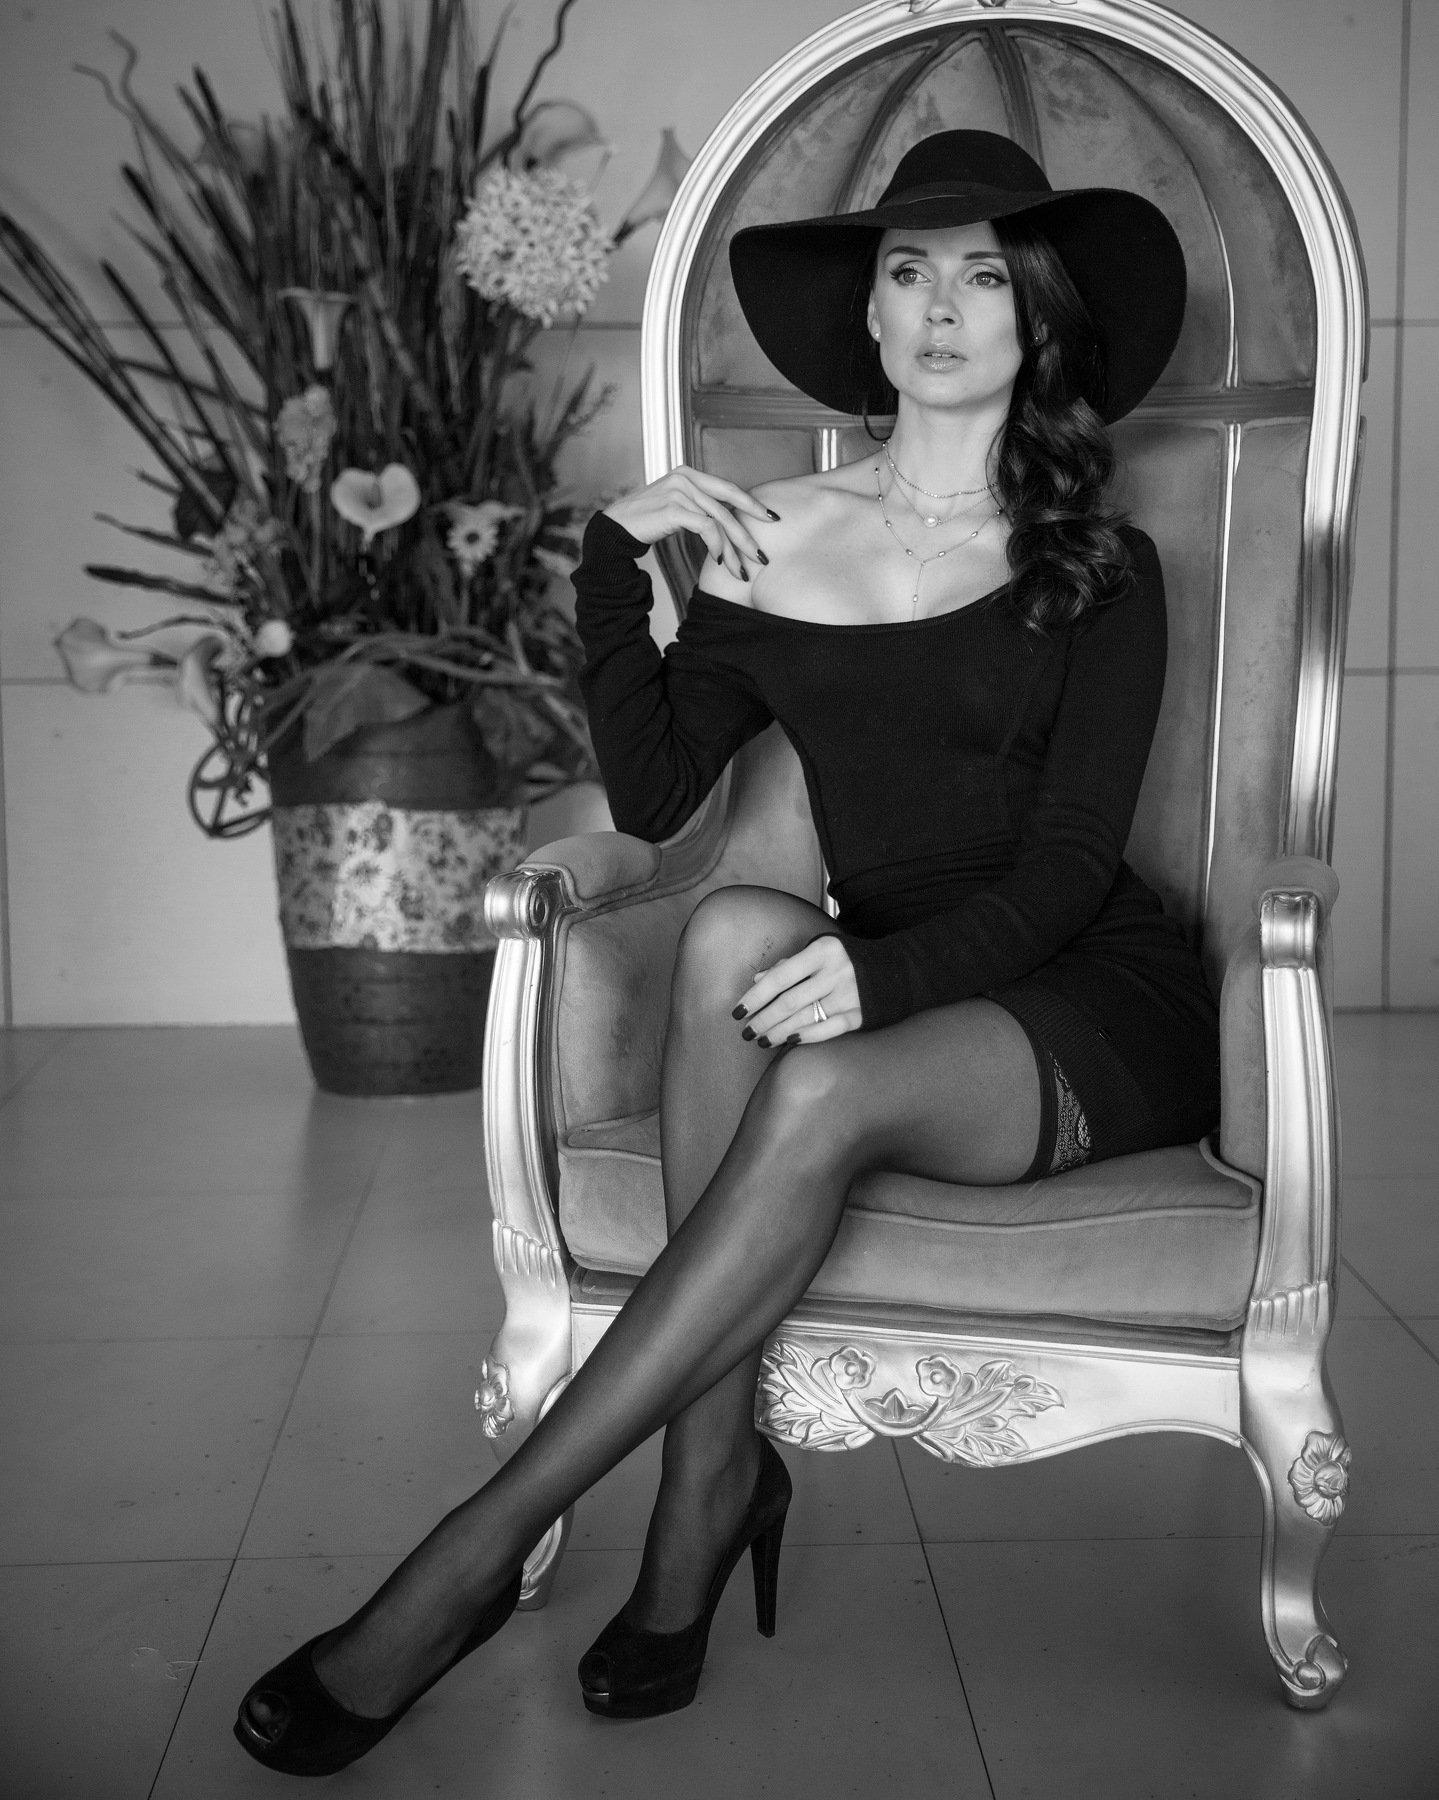 model girl soda hat dress lingerie, ЛЕВАН ТАВАДЗЕ